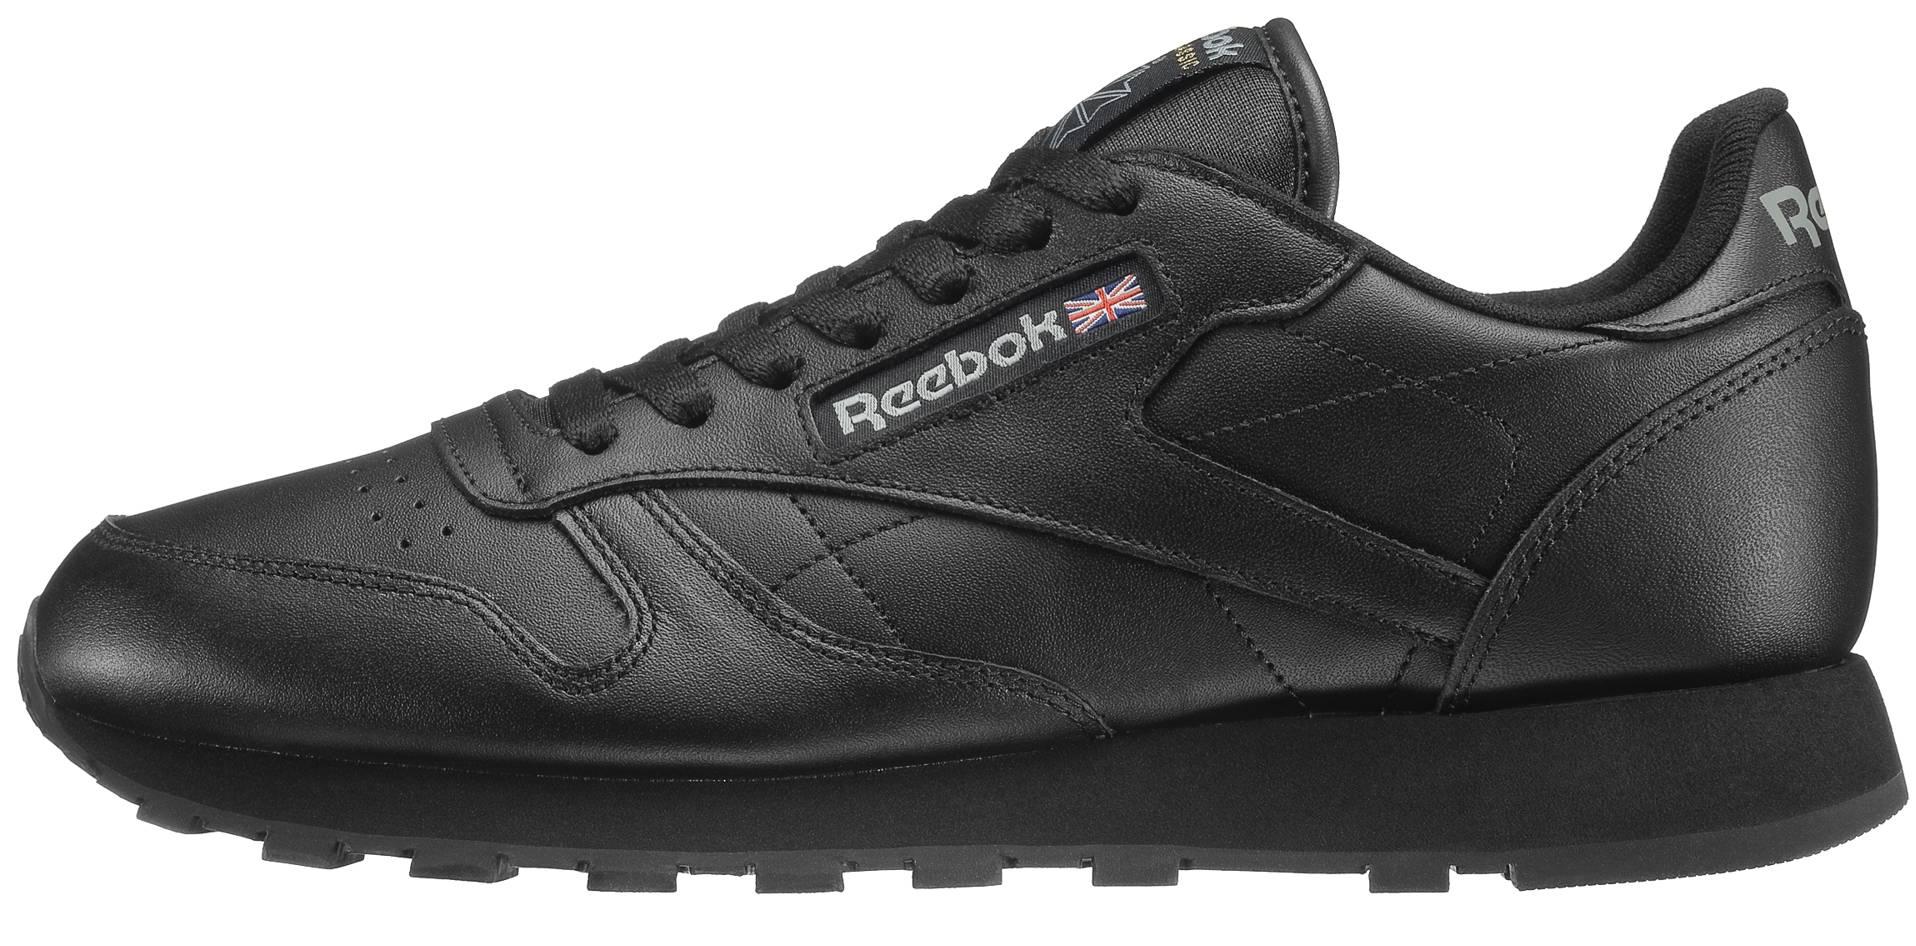 a6e8ce2cf8c Pánské volnočasové boty